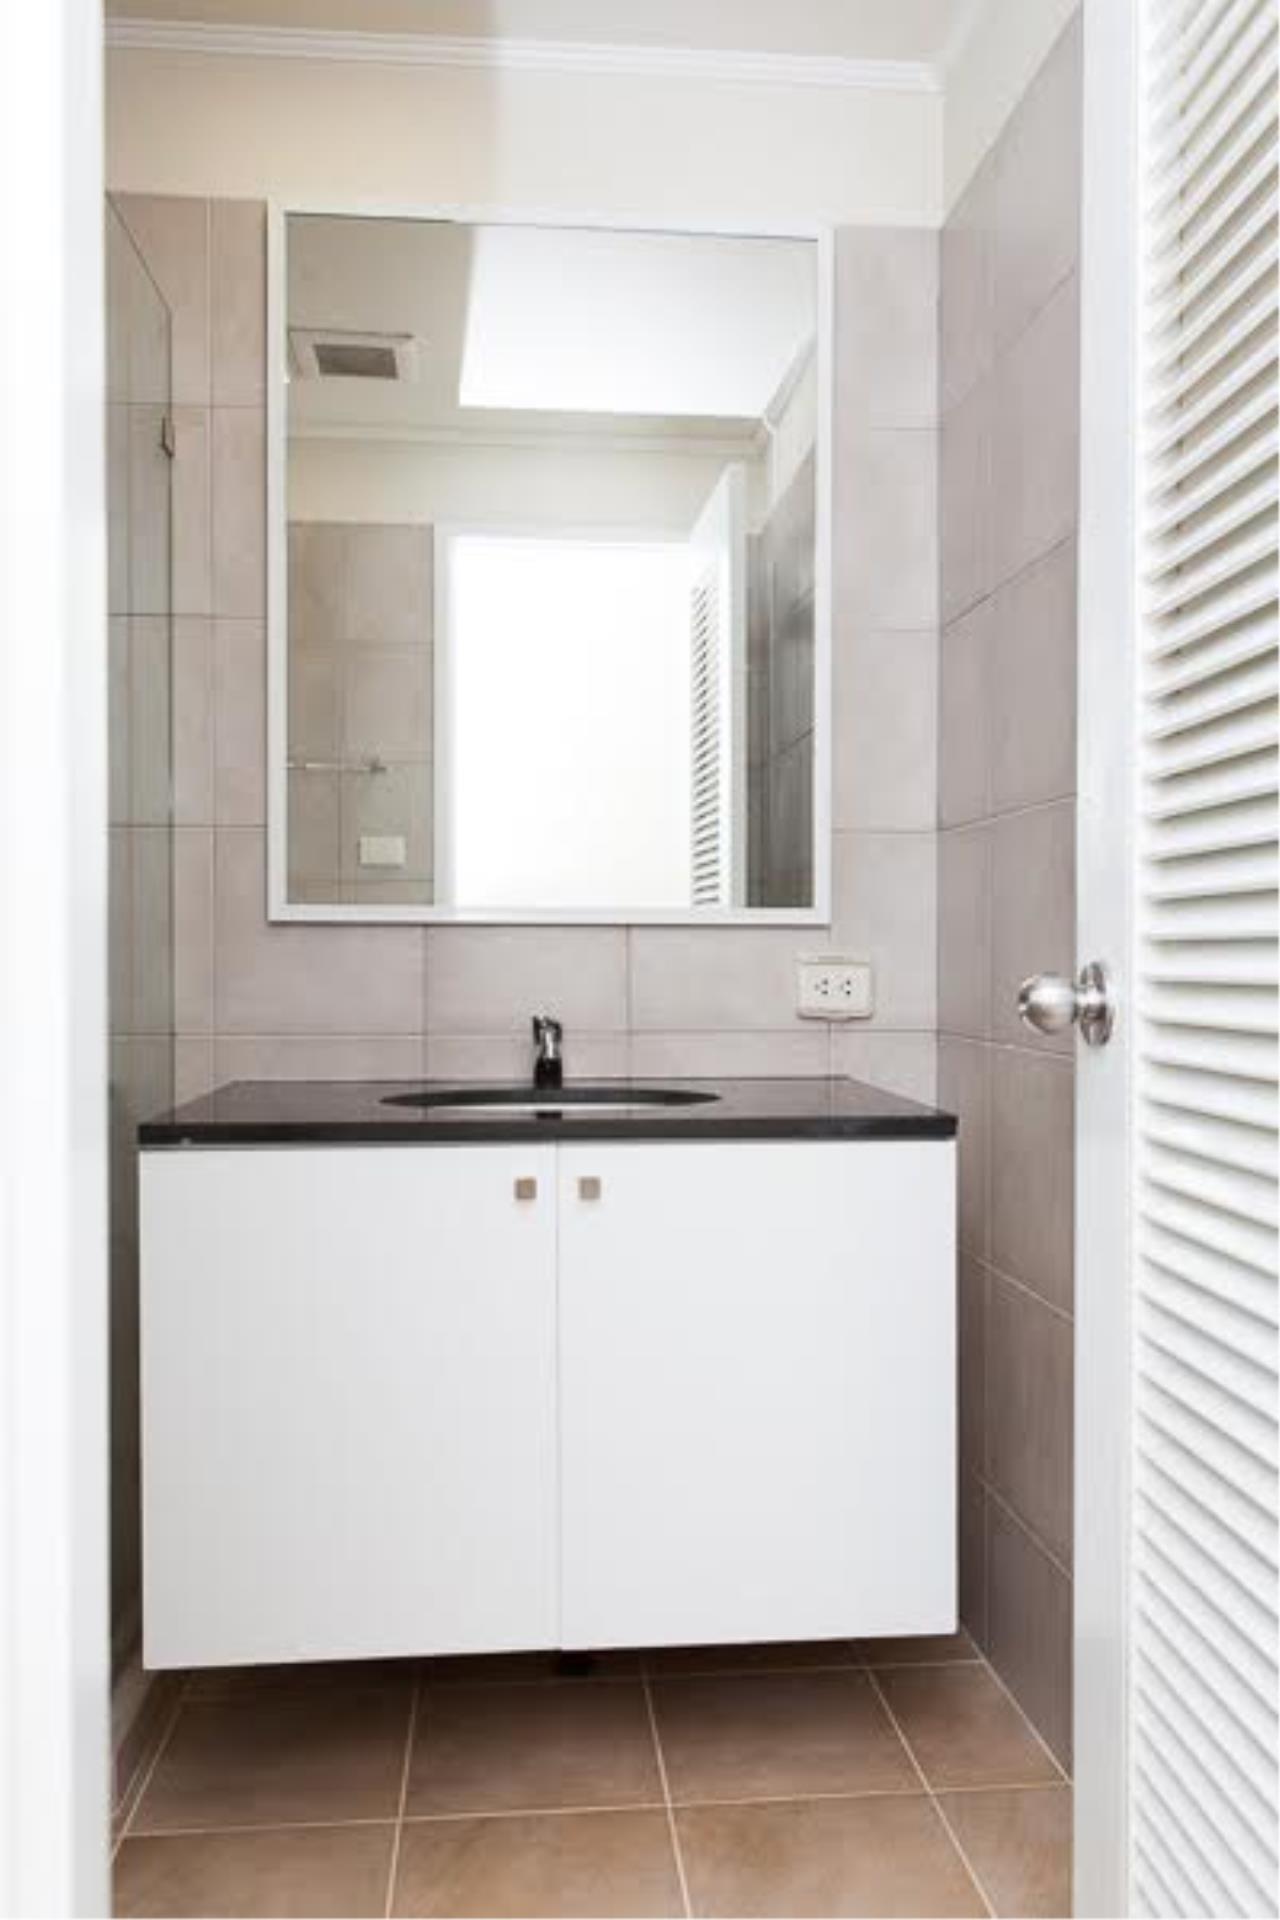 RE/MAX BestLife Agency's Hampton Court Rent 3 bedrooms Thong Lor 3